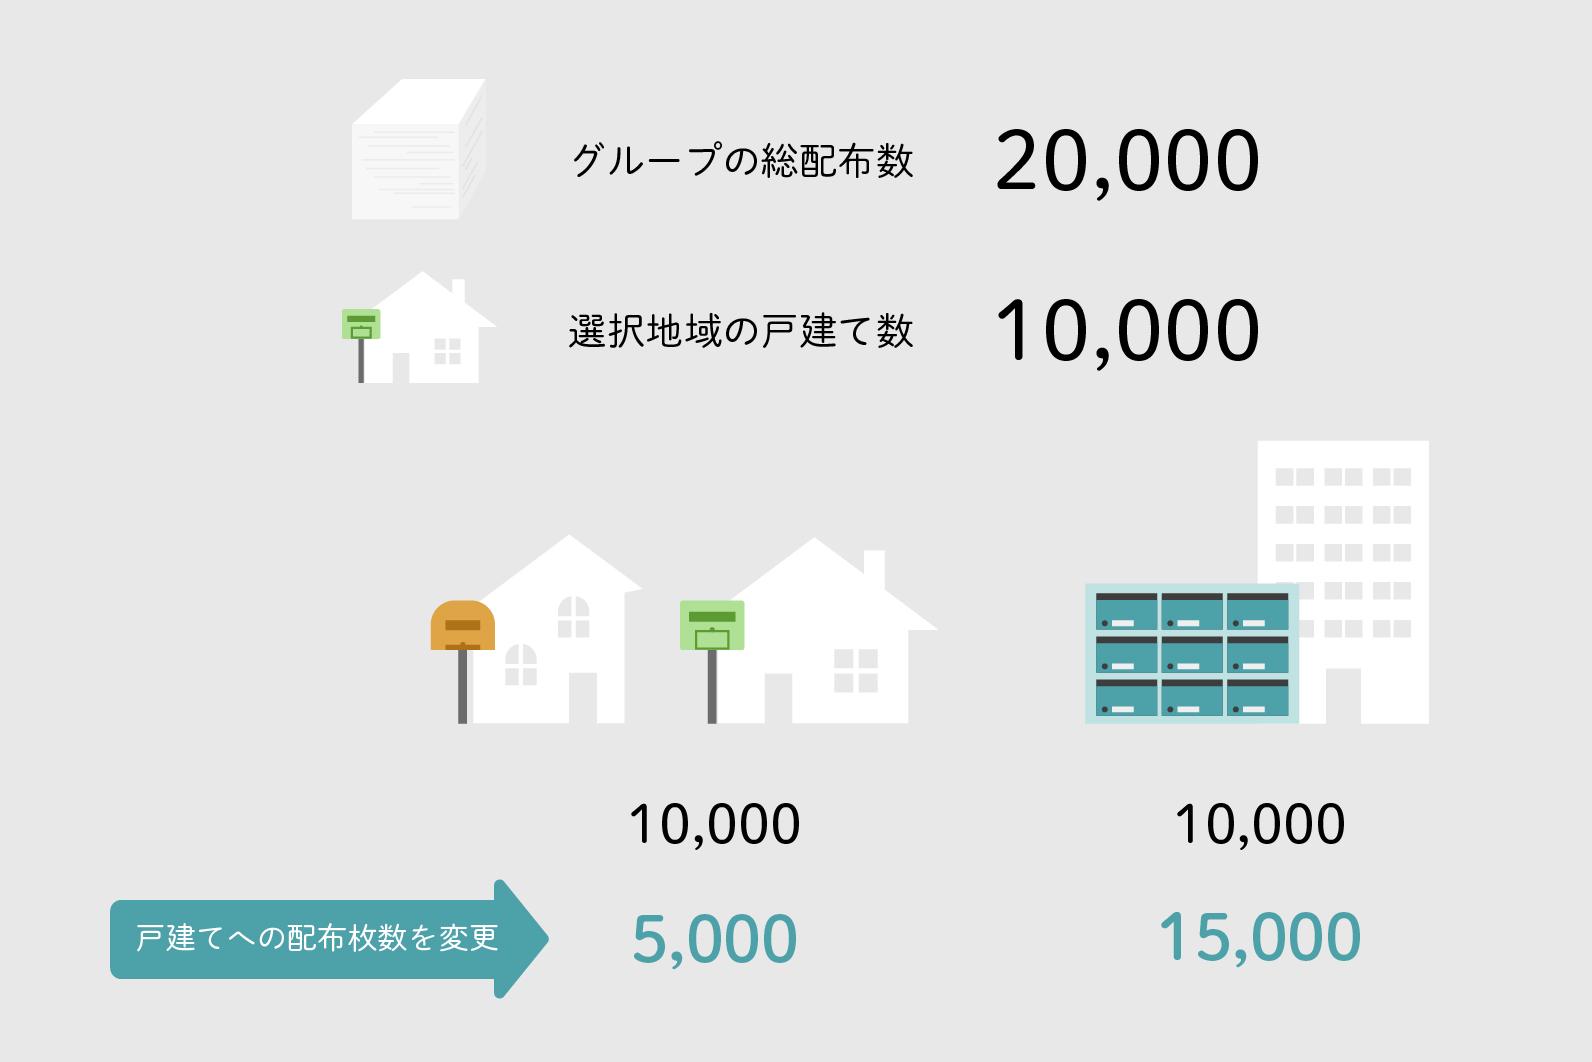 グループの配布枚数が2万部に対して、選択地域に集合住宅が1万⼾の場合 イメージ